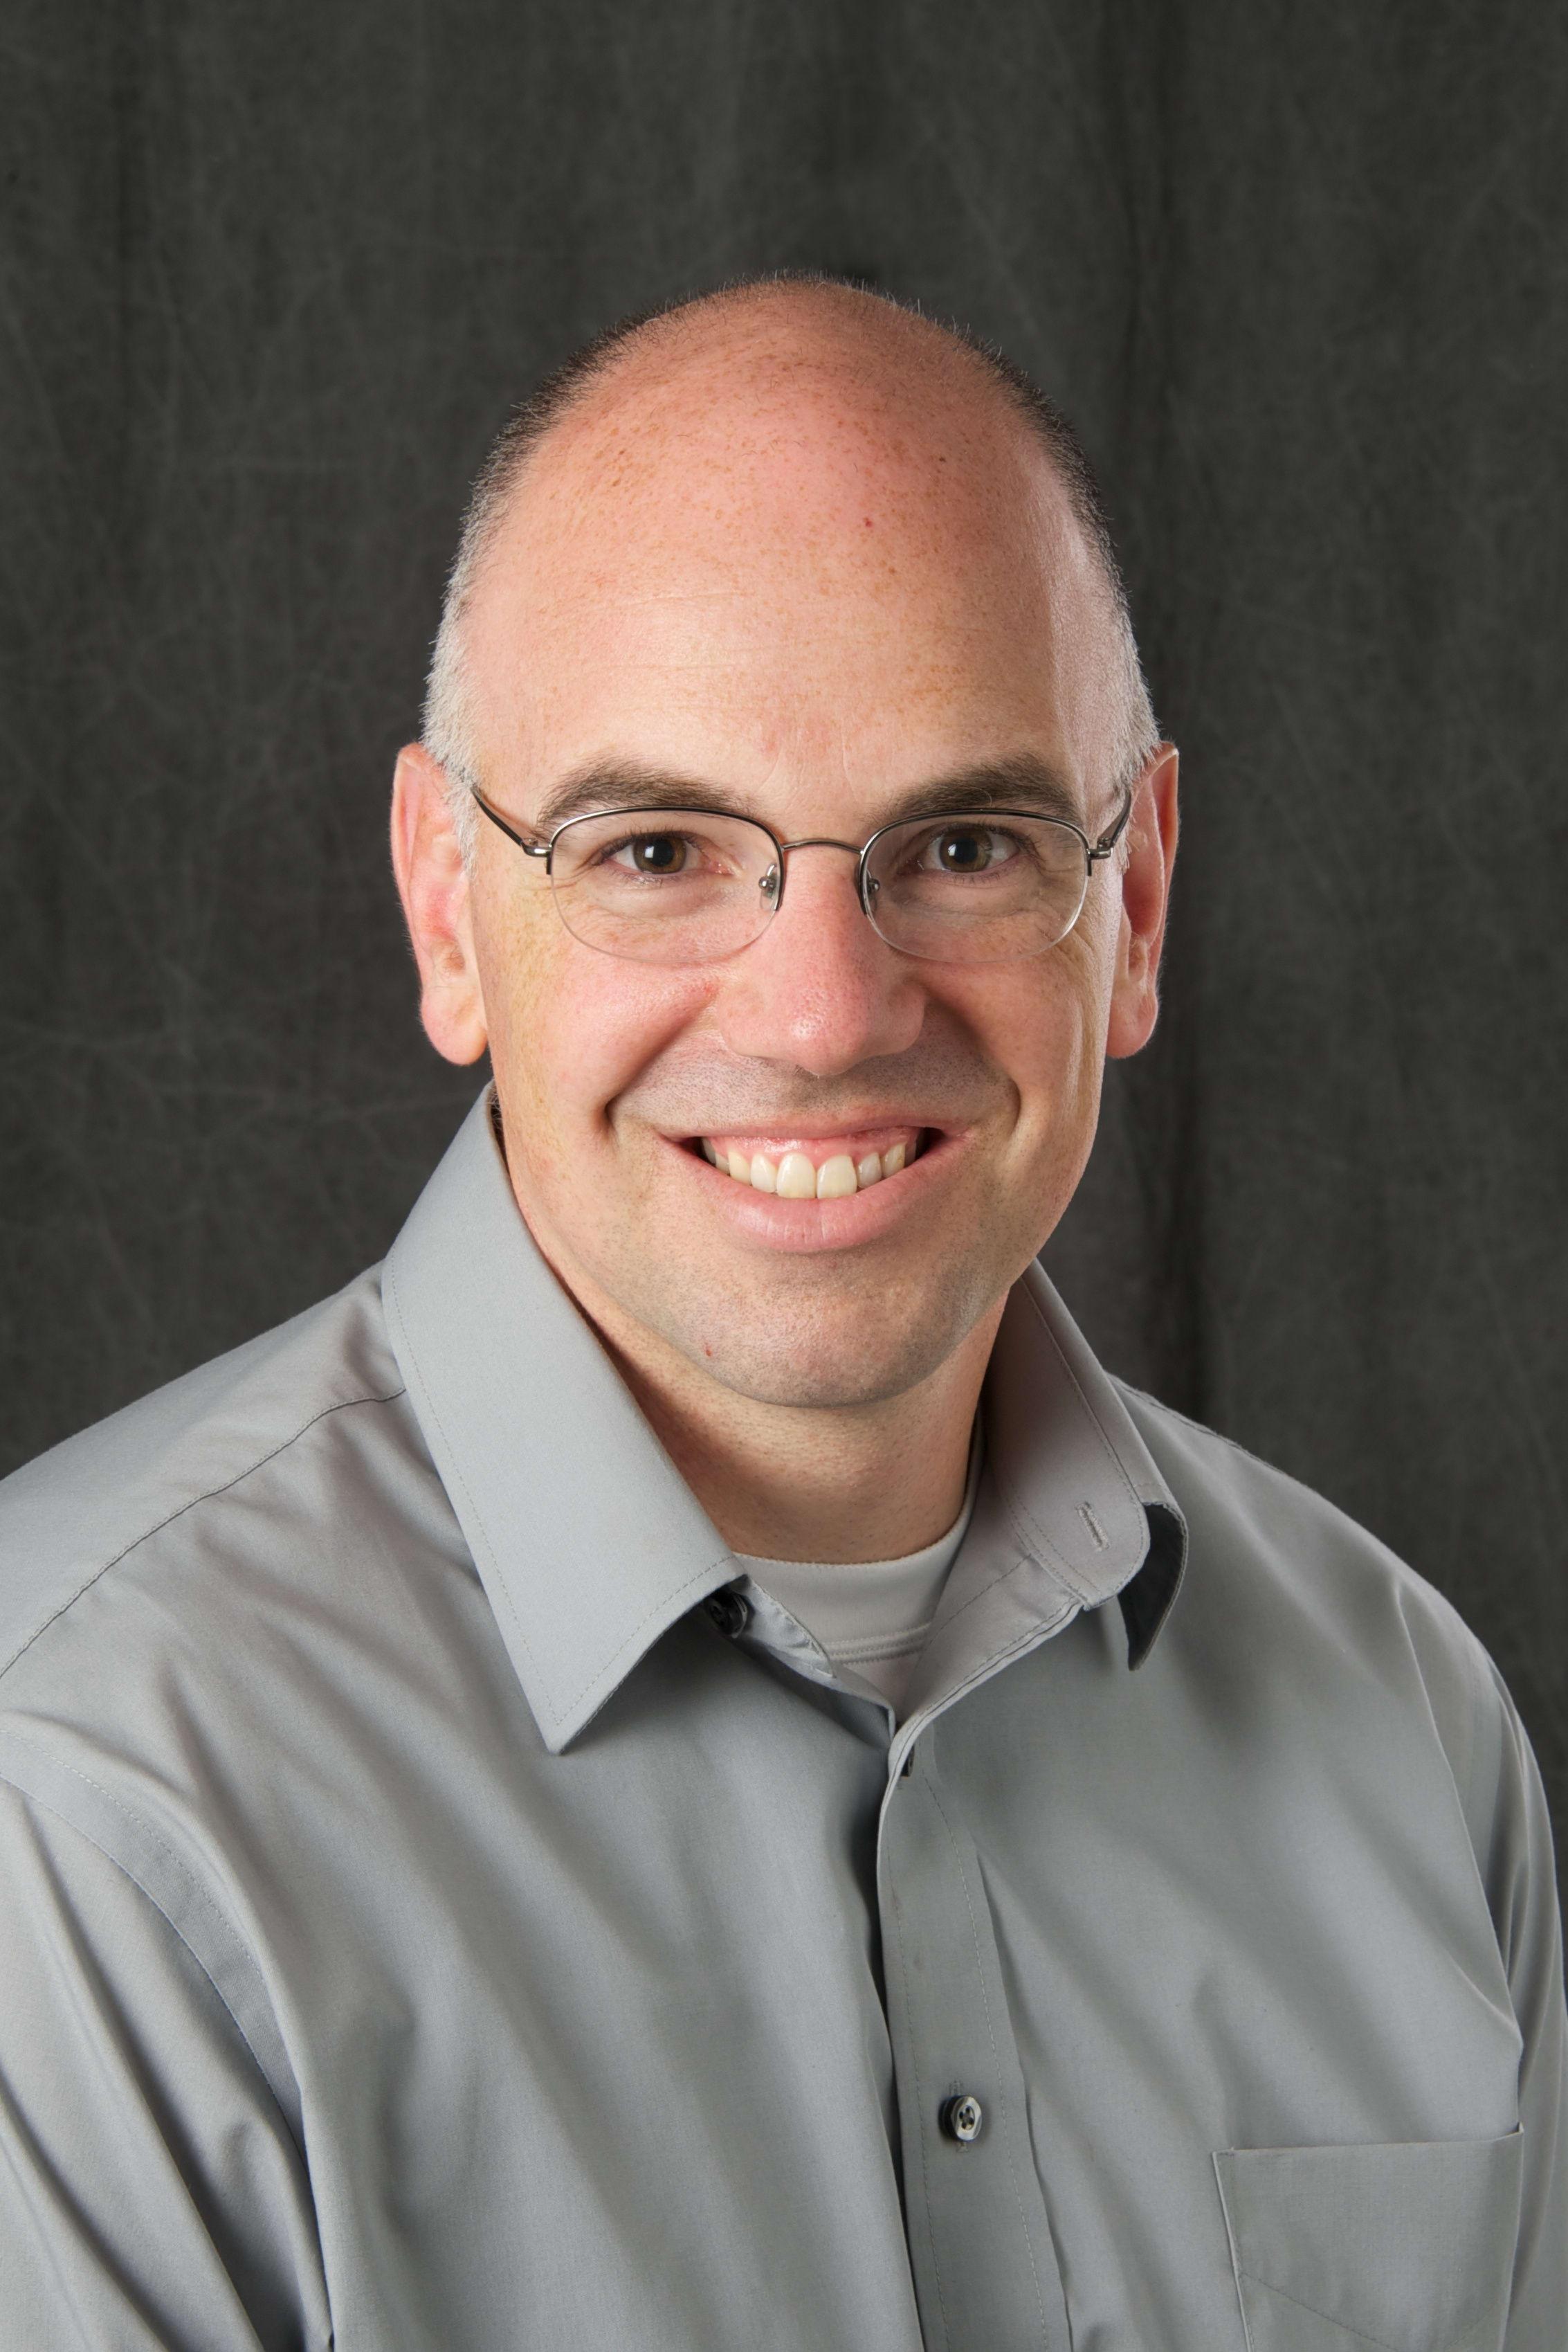 Dr. Gary J Kummet MD